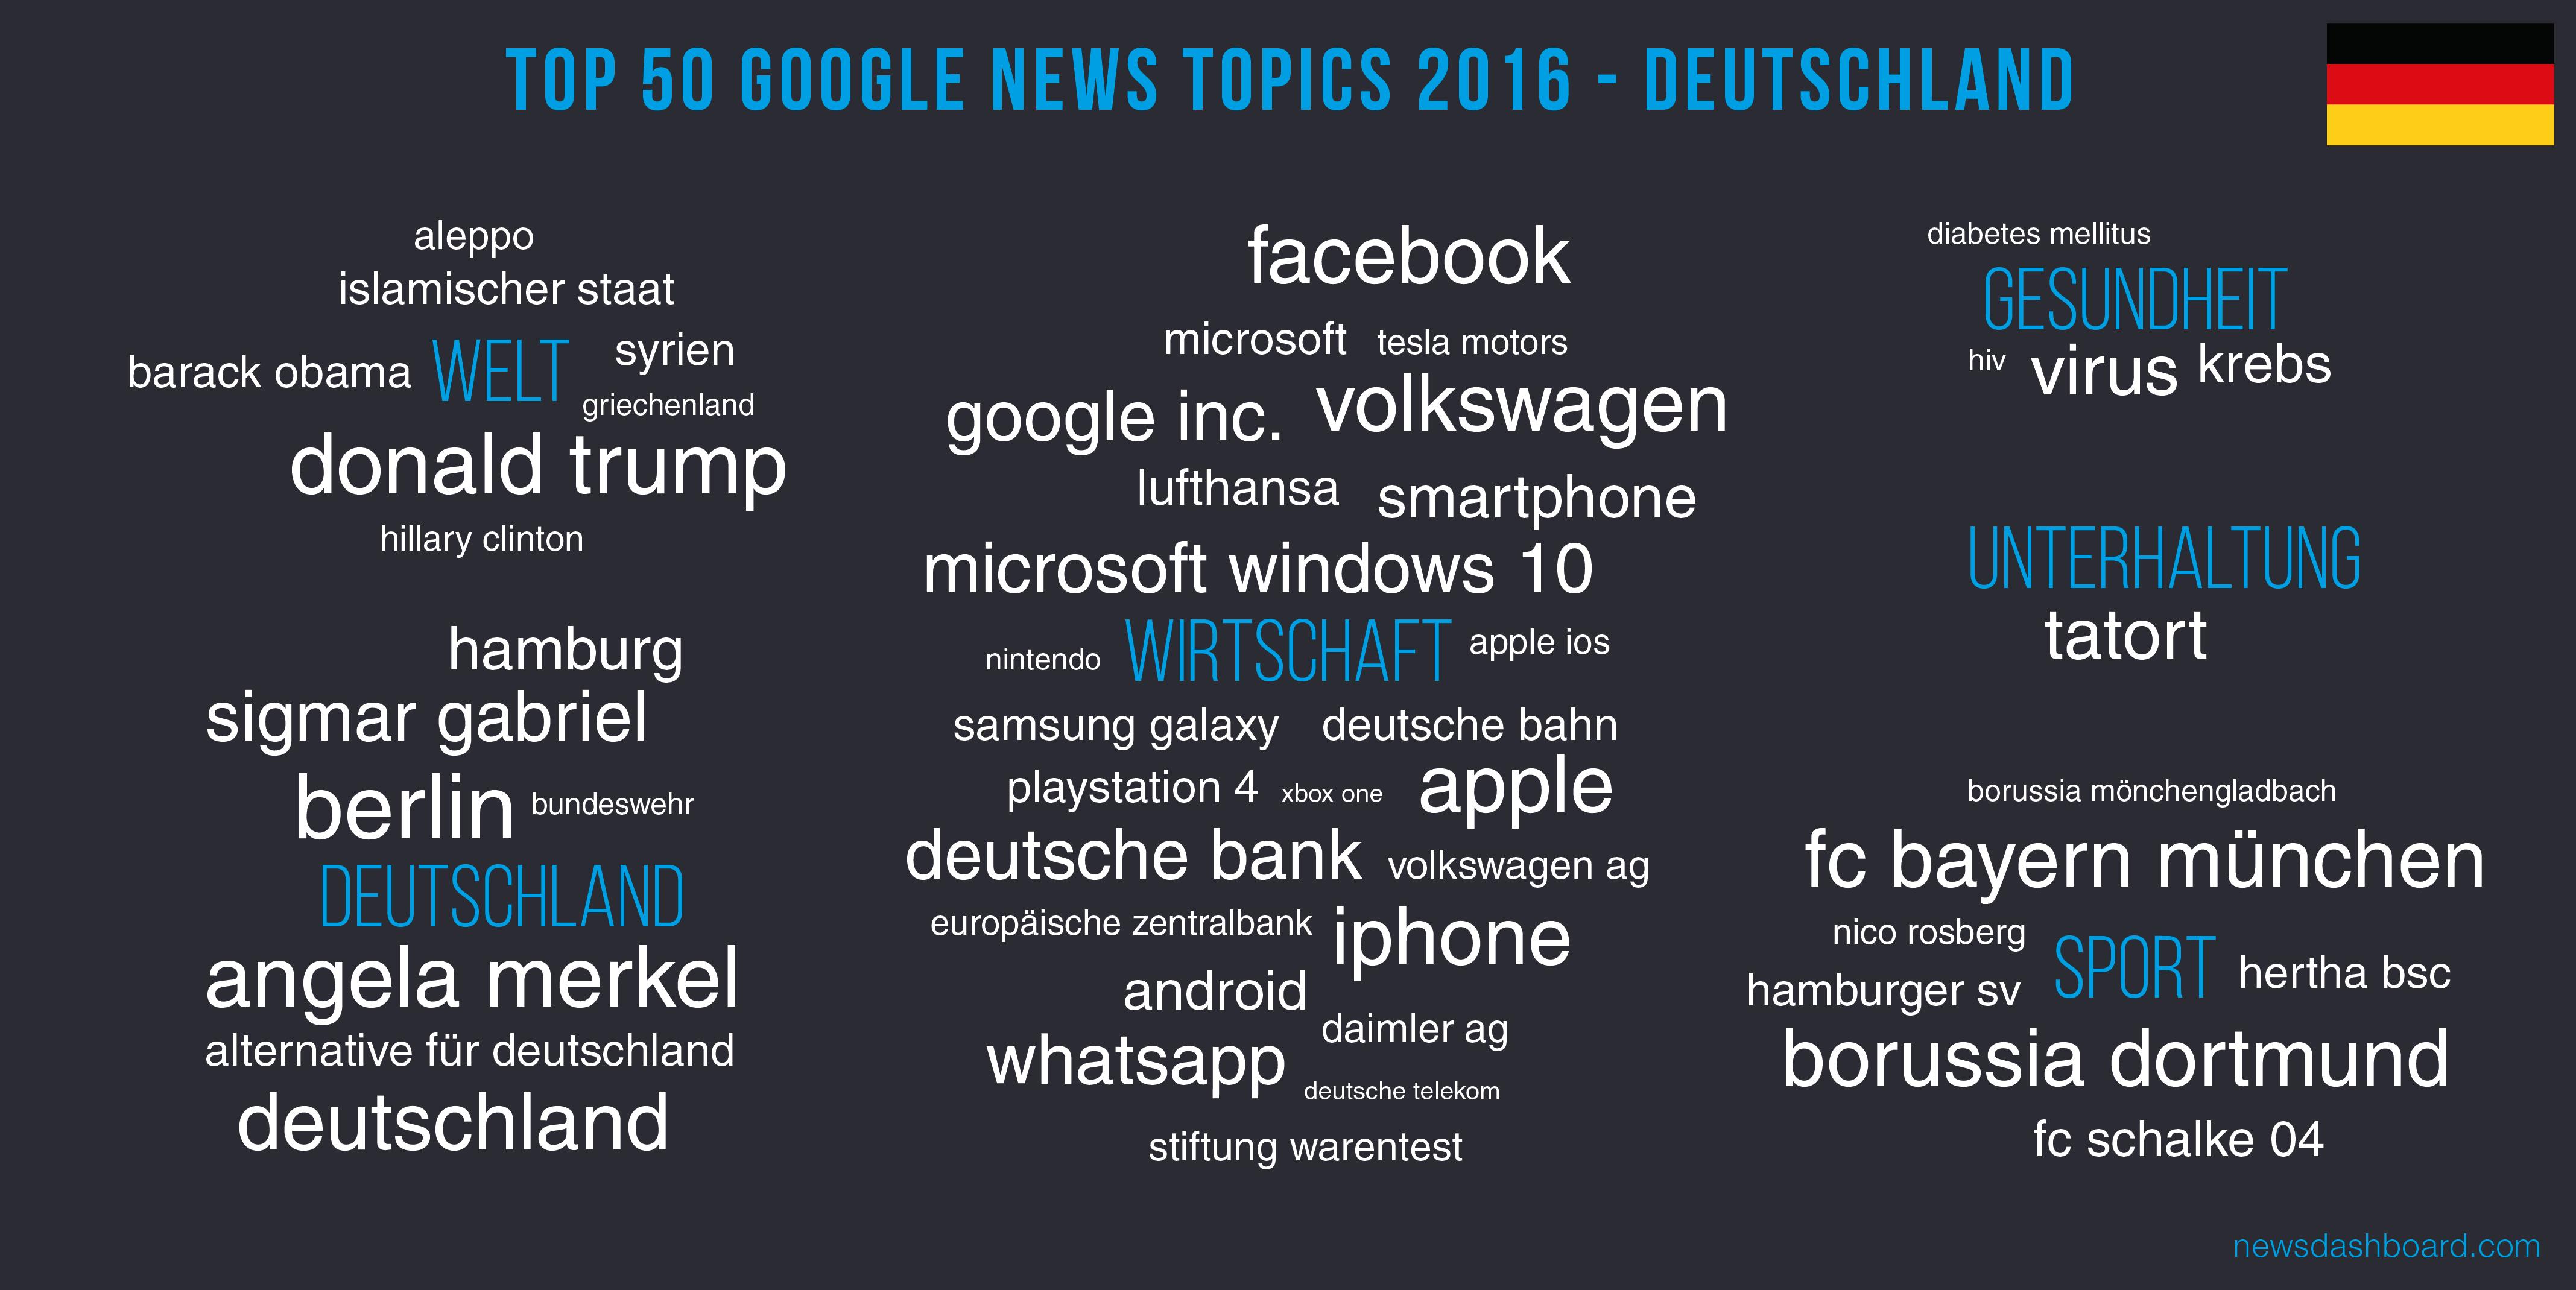 Wirtschaftsthemen sind besonders beliebt auf Google News im Jahr 2016.